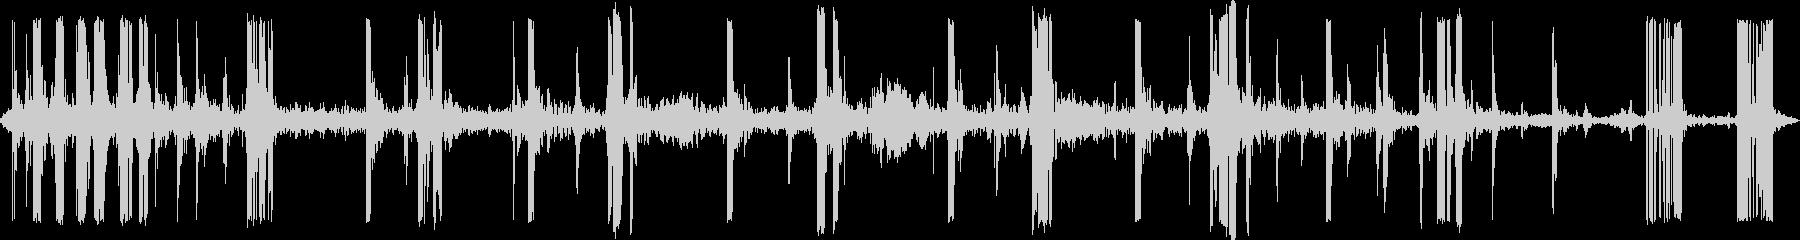 ストレッチクランキーキーキーの未再生の波形